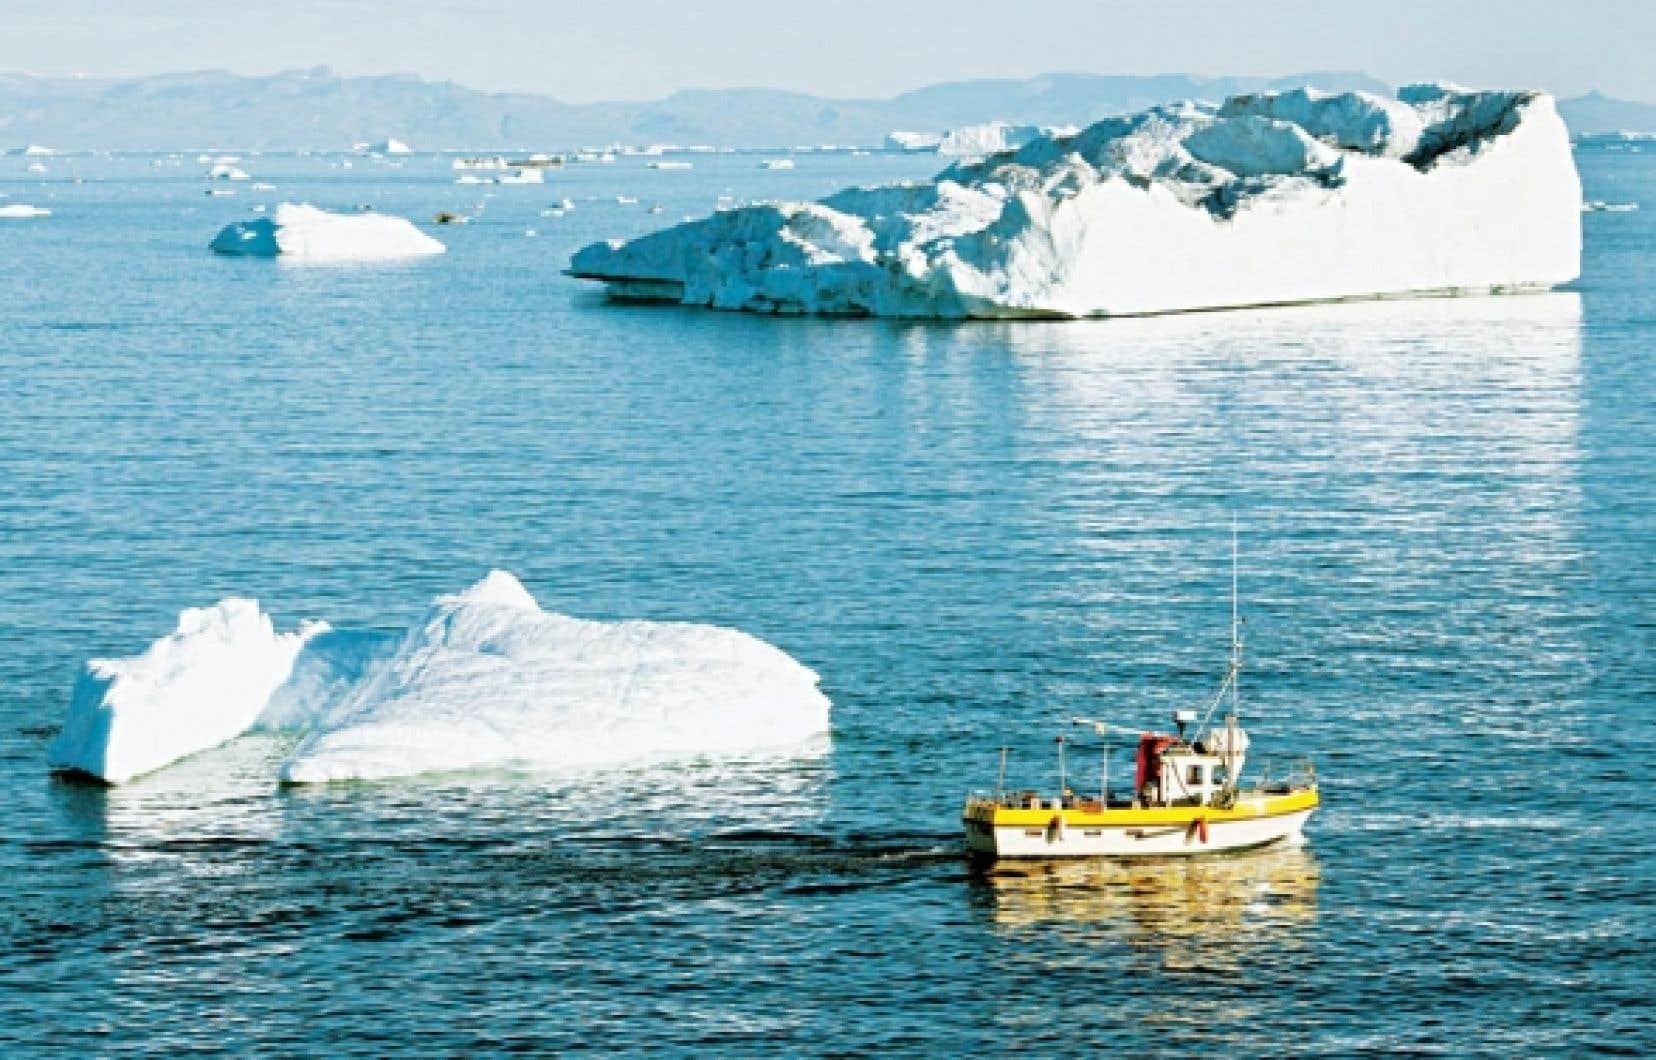 La fonte des glaciers du Groenland s'accélère à un rythme qui dépasse toutes les prévisions, ce qui va forcer l'ONU à réexaminer la problématique de la hausse des océans